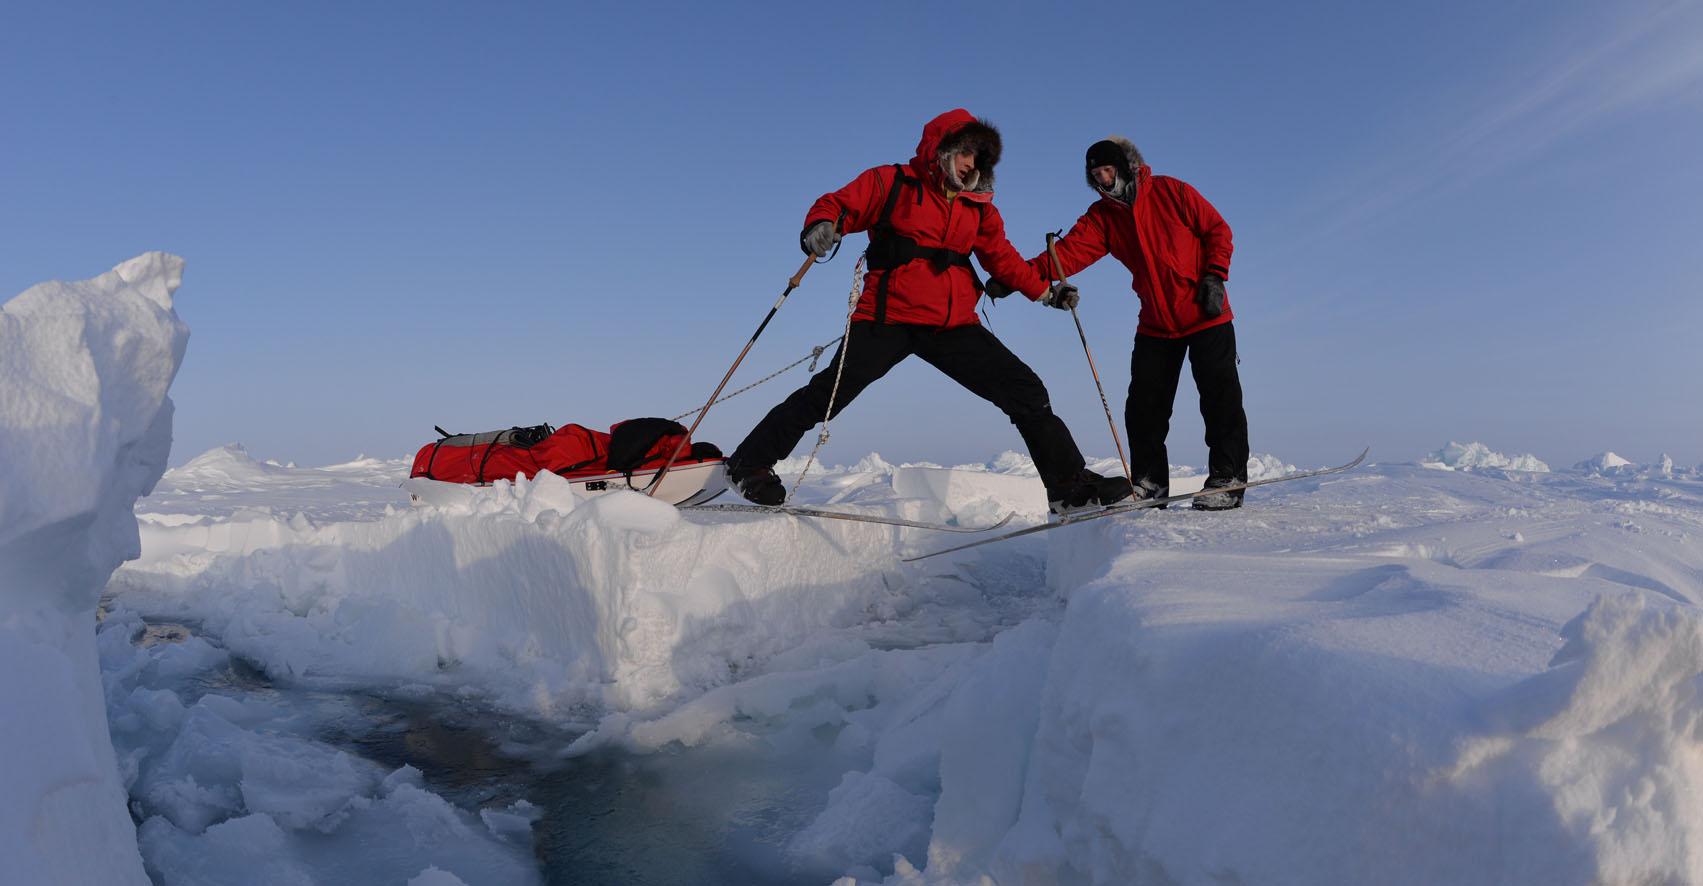 Экспедиция 2014 года стала самым трудным из всех состояавшихся путешествий